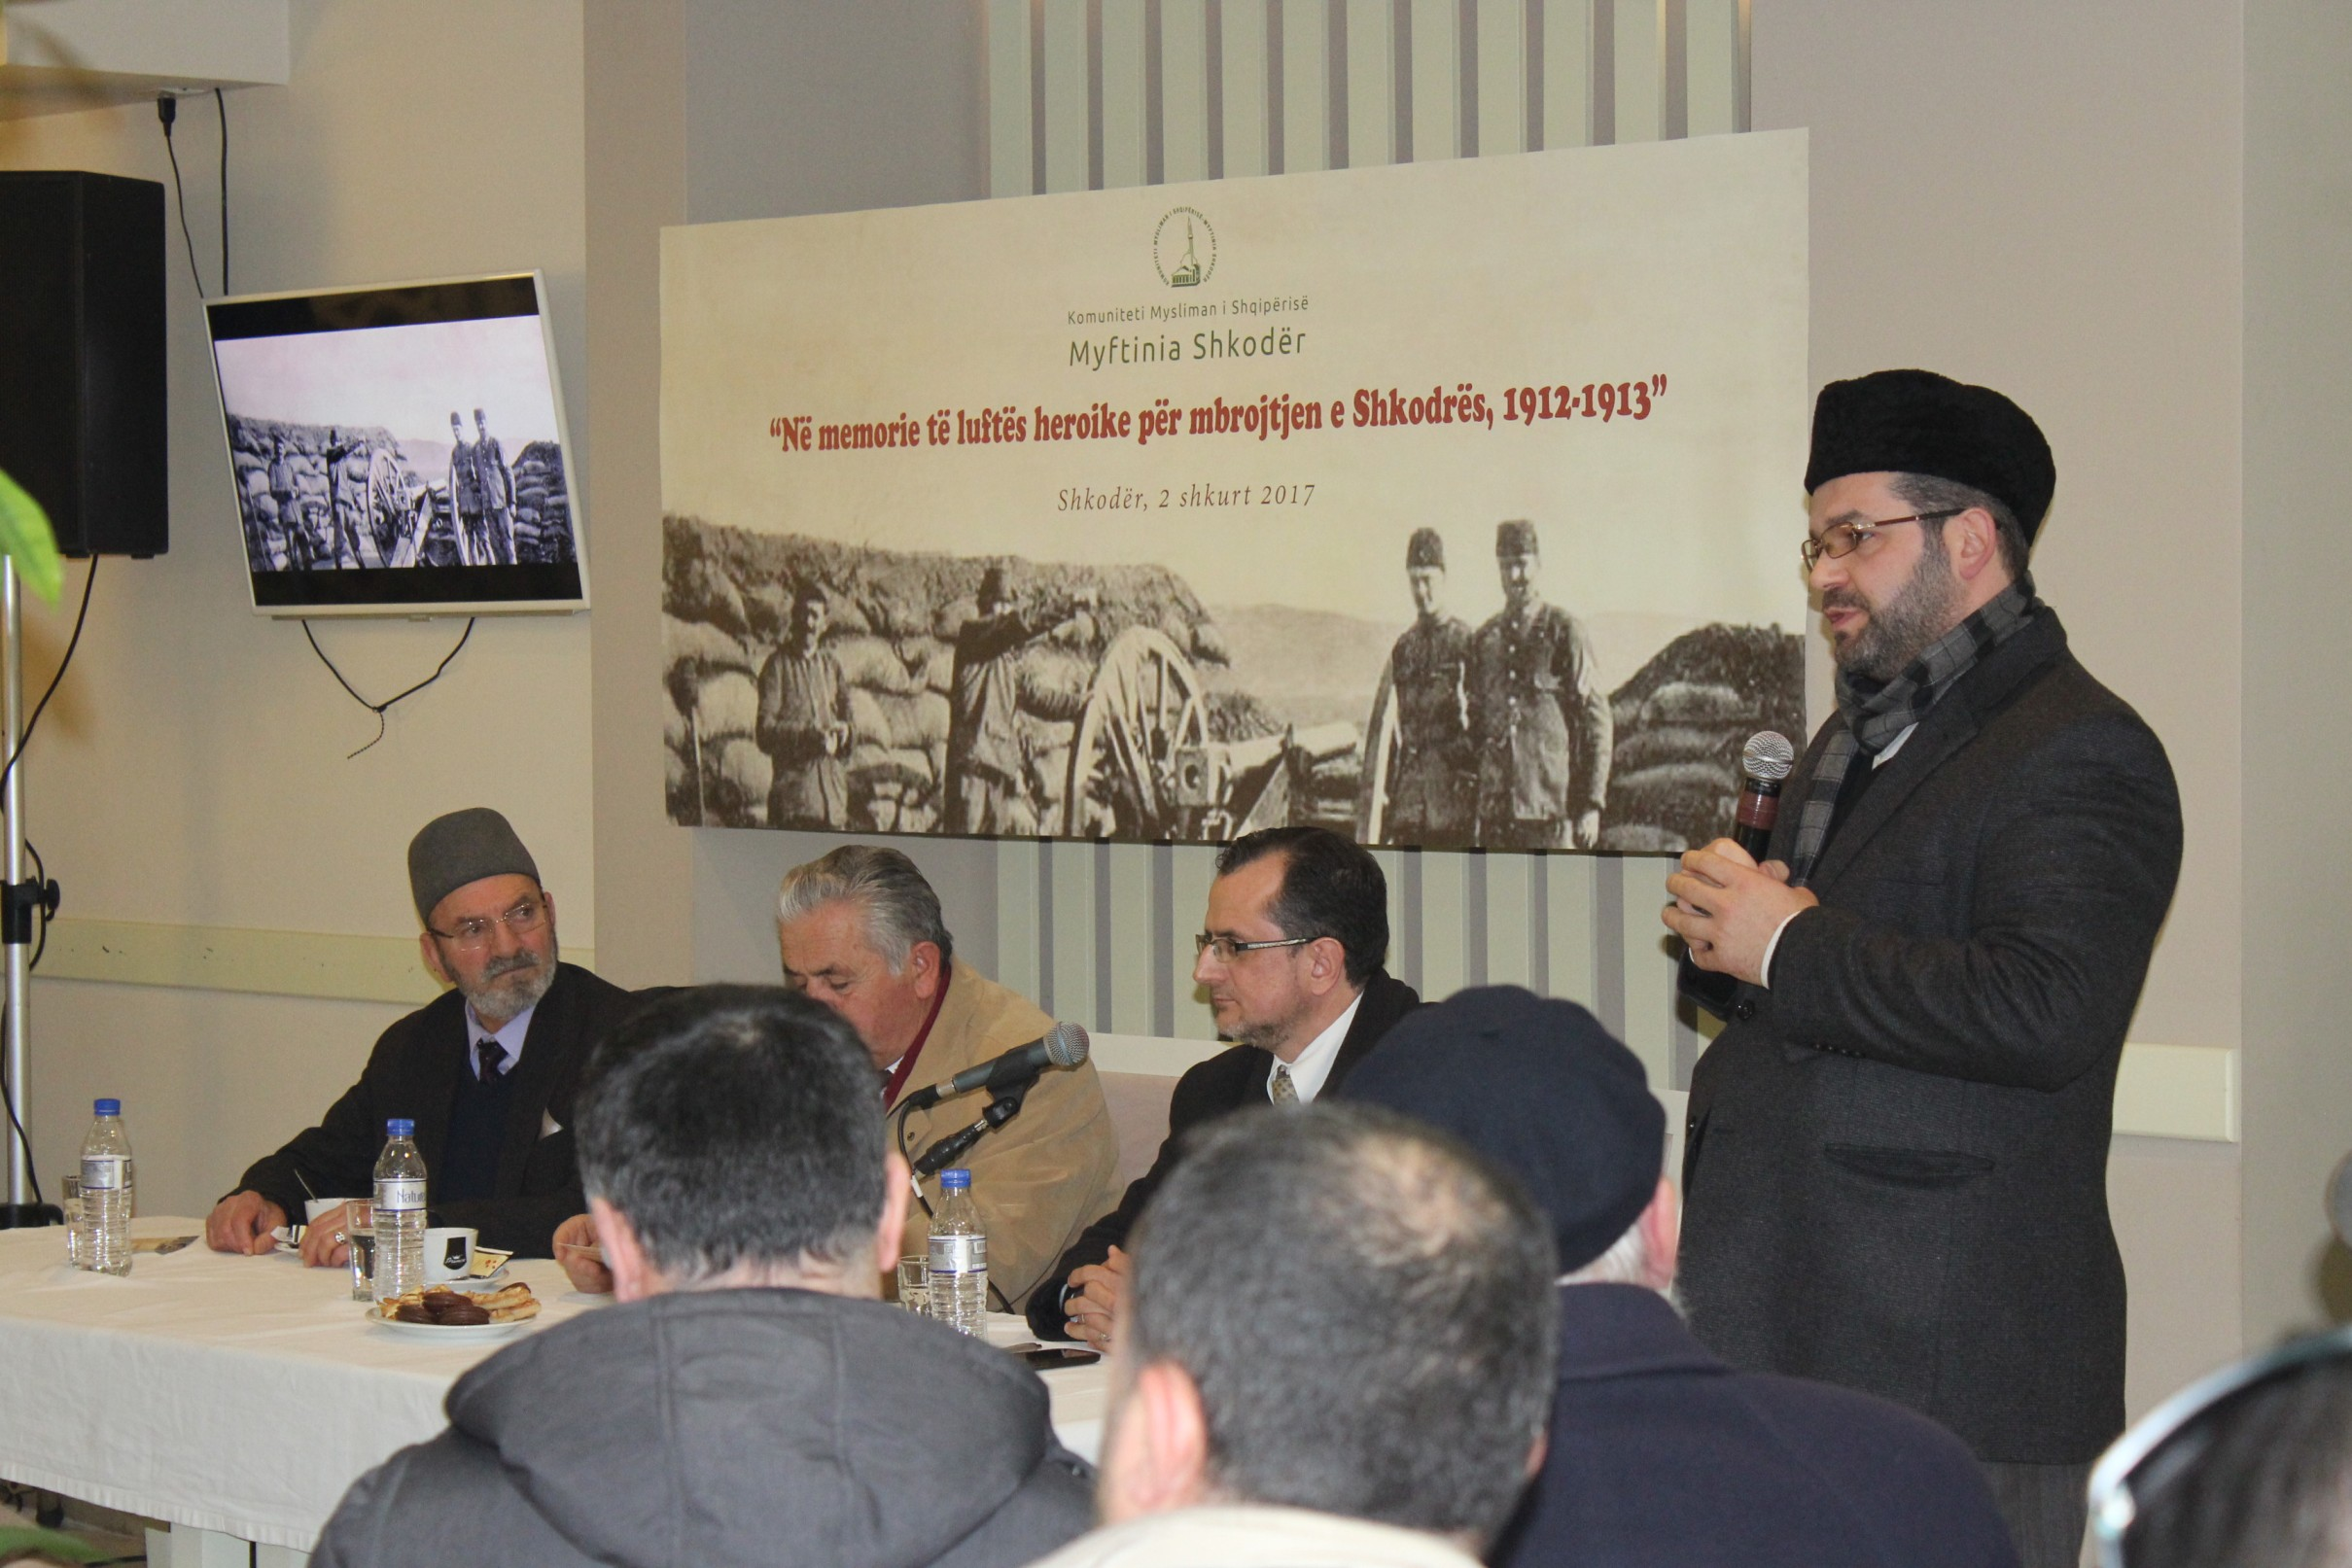 Përkujtohet historia e lavdishme e mbrojtjes së Shkodrës, 1912-1913